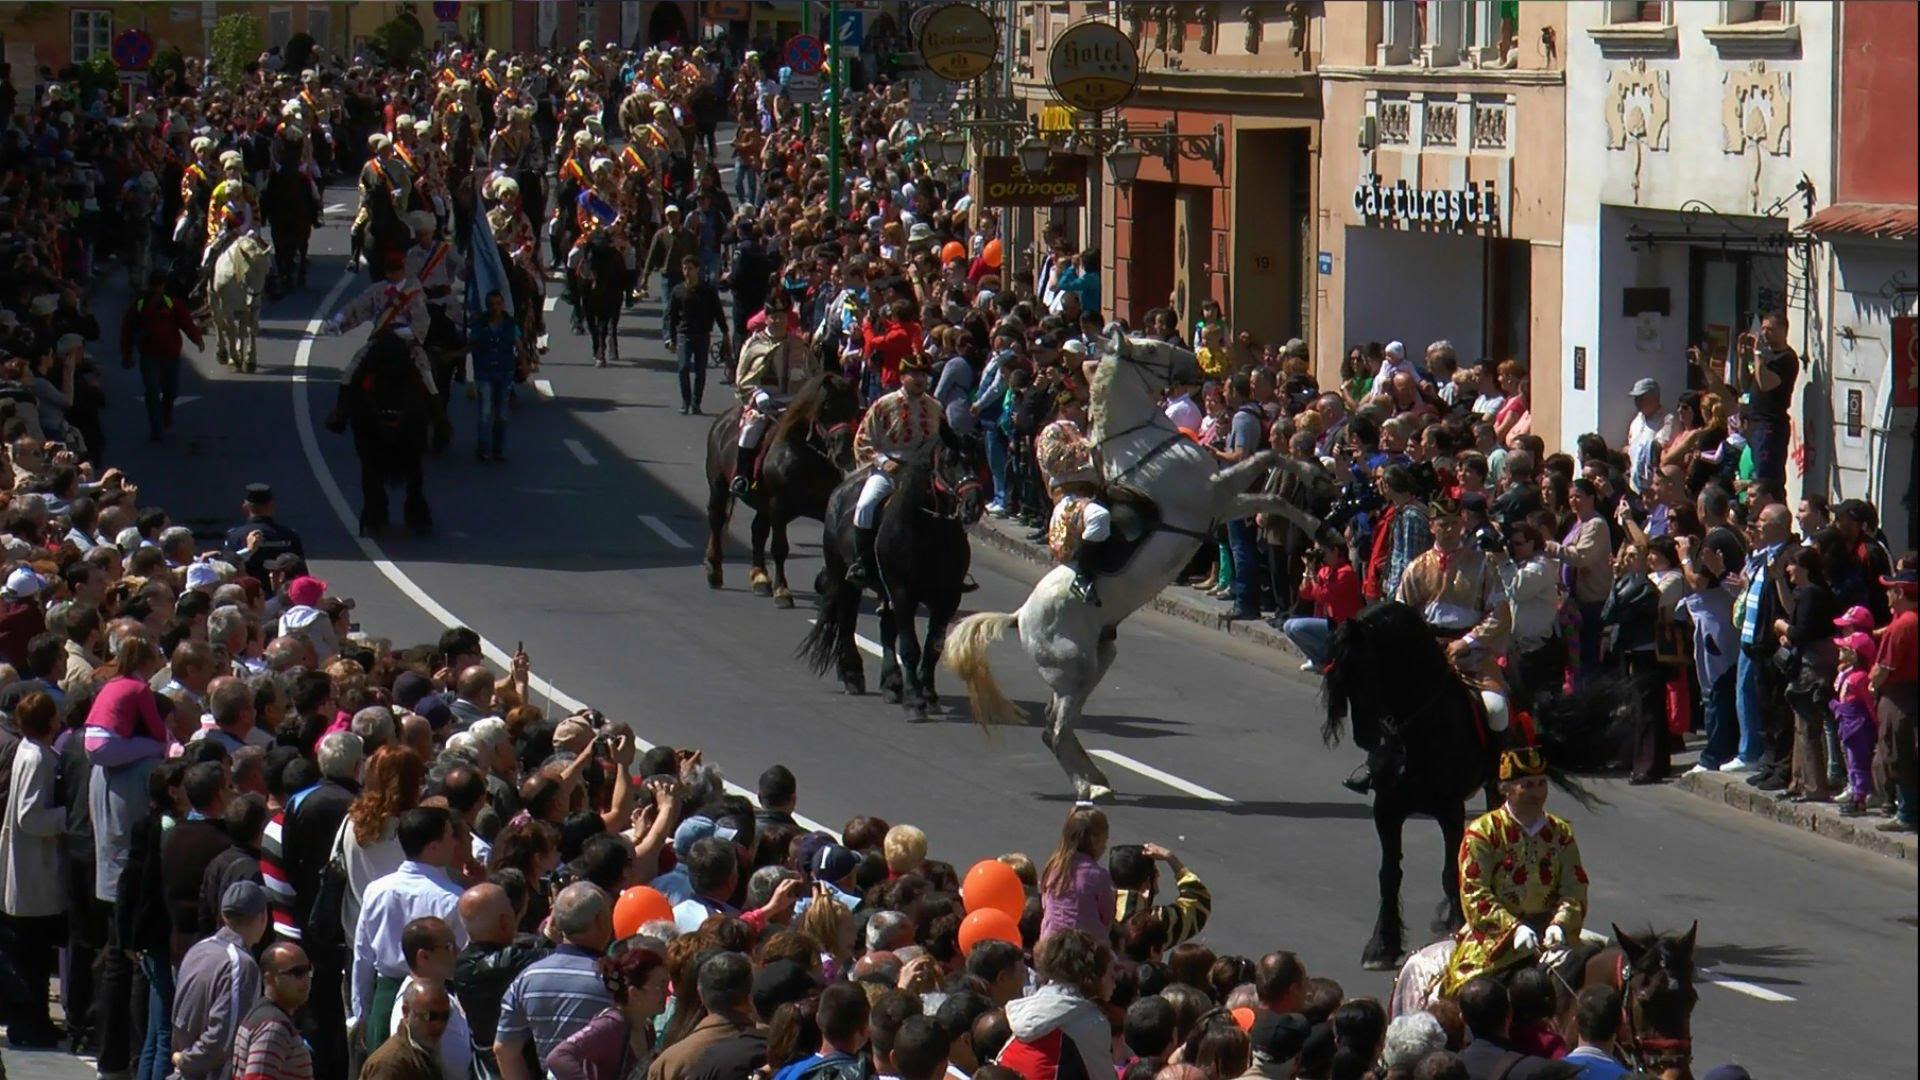 """Cel mai cunoscut eveniment tradițional al Junilor este """"Ziua de călări"""" sau """"Coborârea în Cetate"""" cum mai este cunoscută defilarea călare a cetelor de juni prin Șchei, dar și pe străzile cetății Brașovului."""